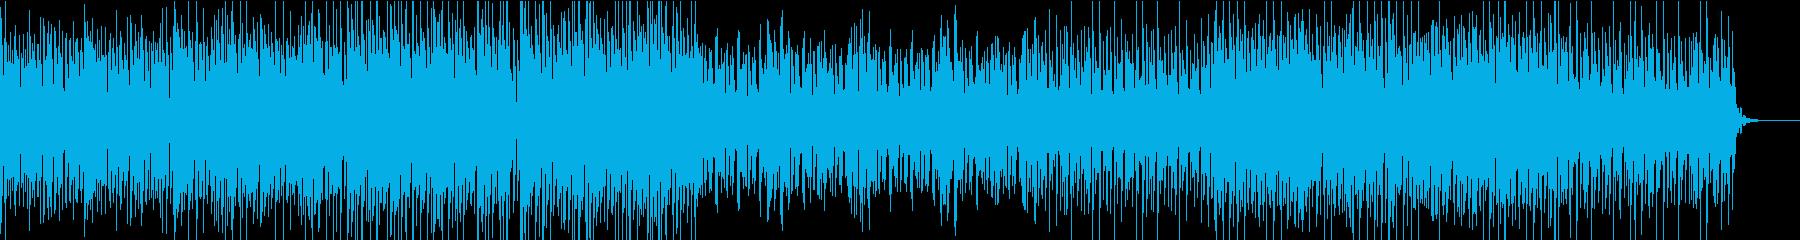 クールでおしゃれなハウス・テクノトラックの再生済みの波形